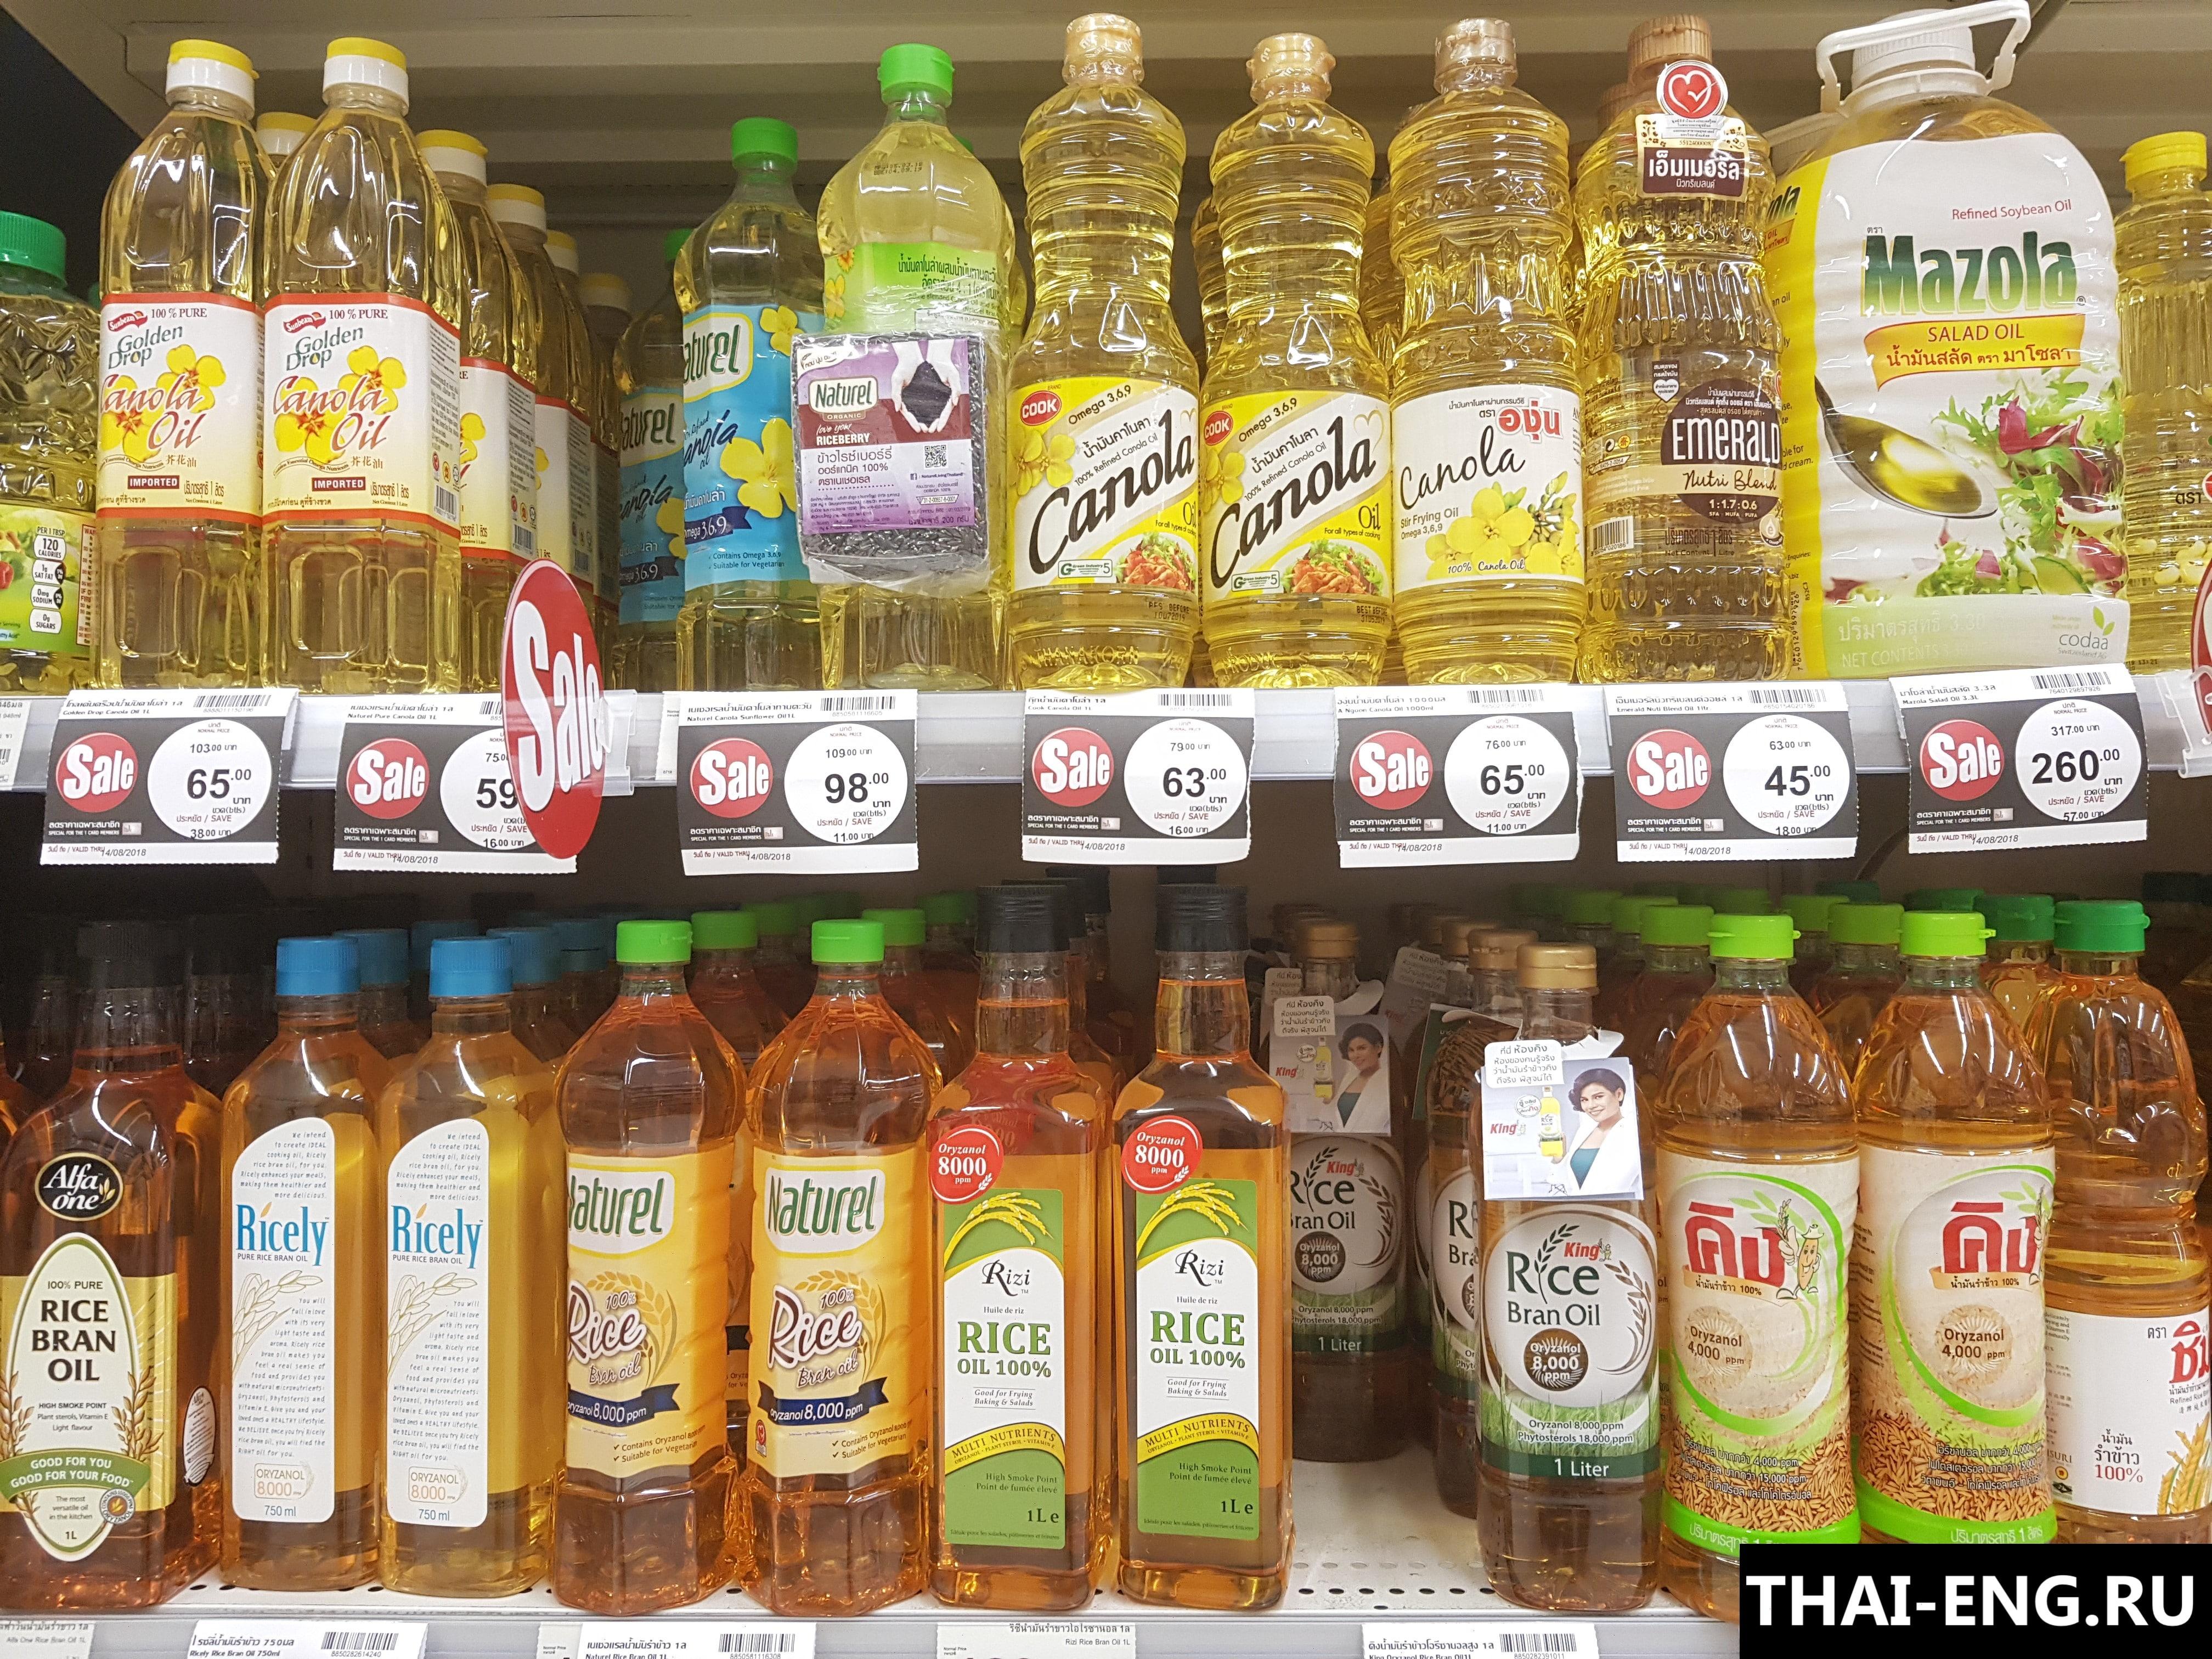 Импорт подсолнечного масла в Таиланд